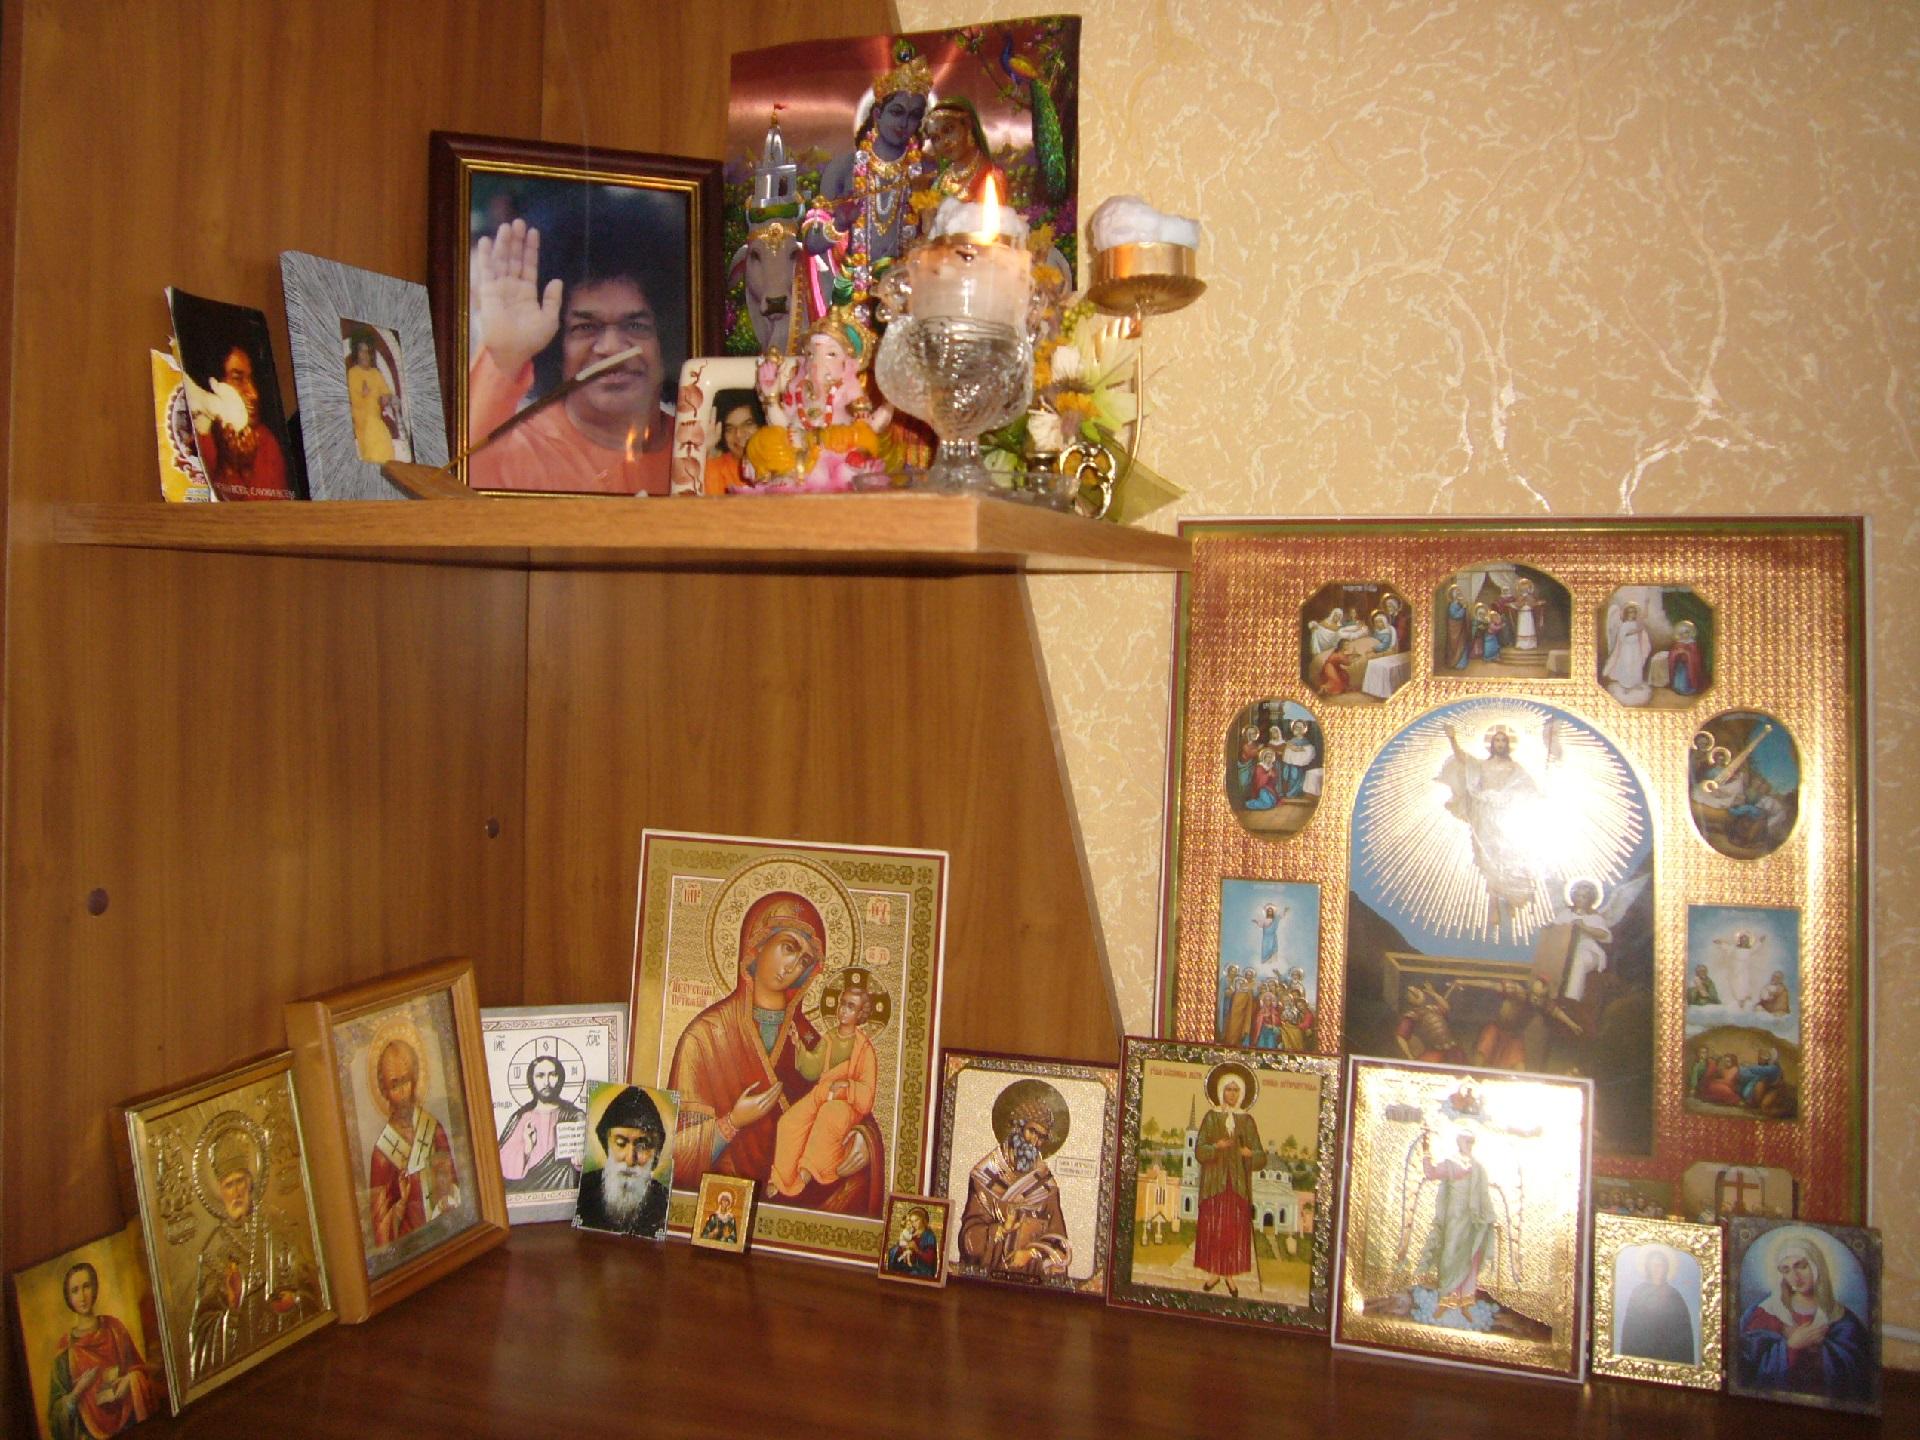 Проблемы современного Мусульманства, Проблемы Религии в России и СНГ, Правильные религии будущего